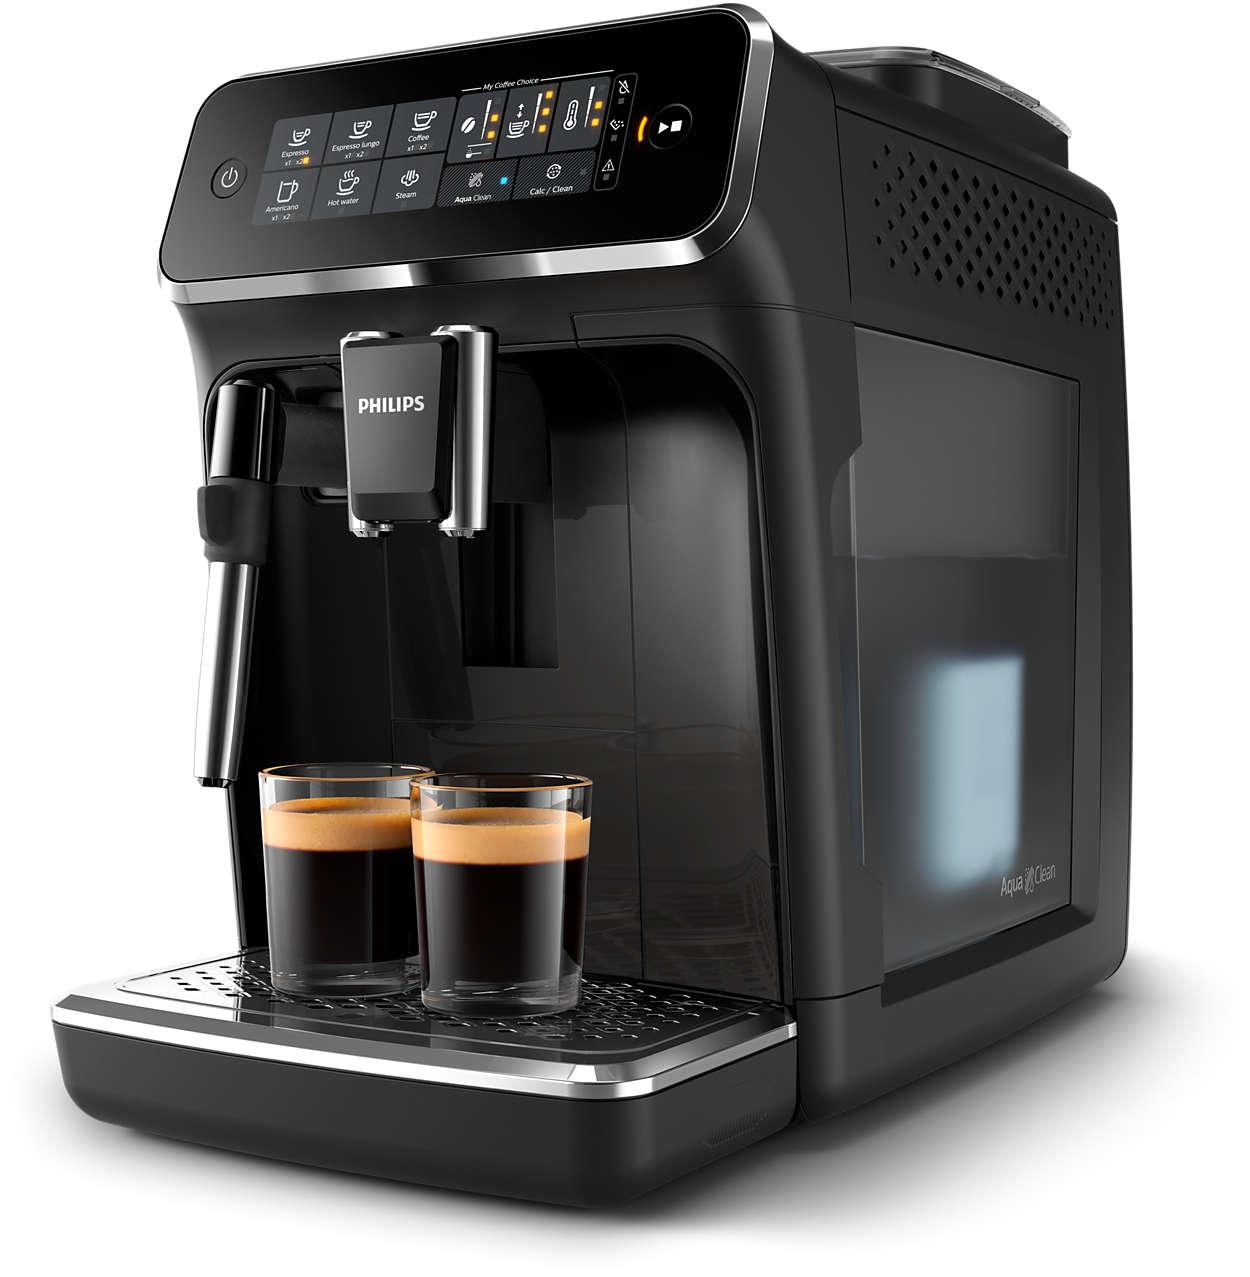 4 finom kávéváltozat friss kávészemekből – egyszerűen